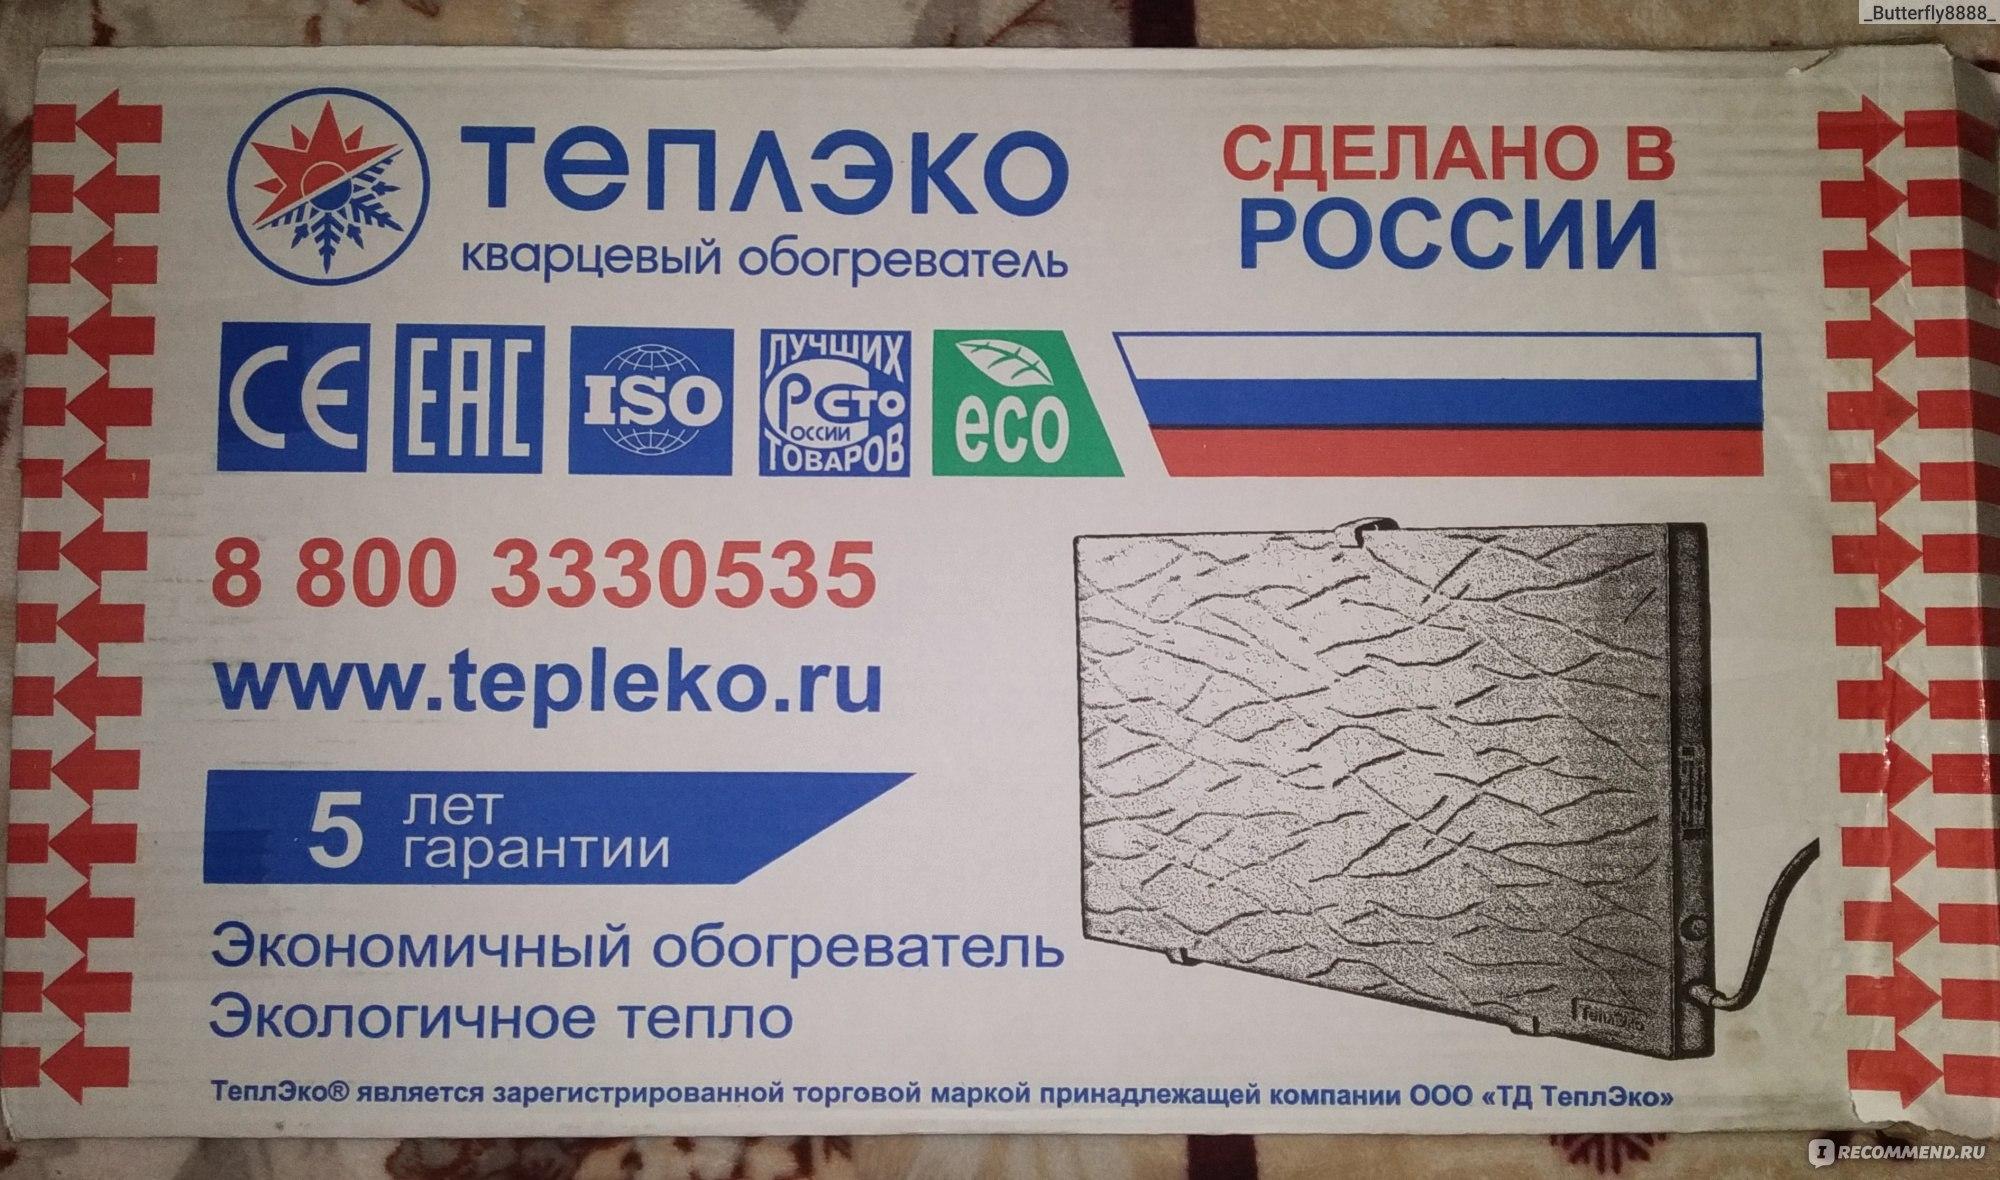 Принцип работы и использование обогревателей Теплэко